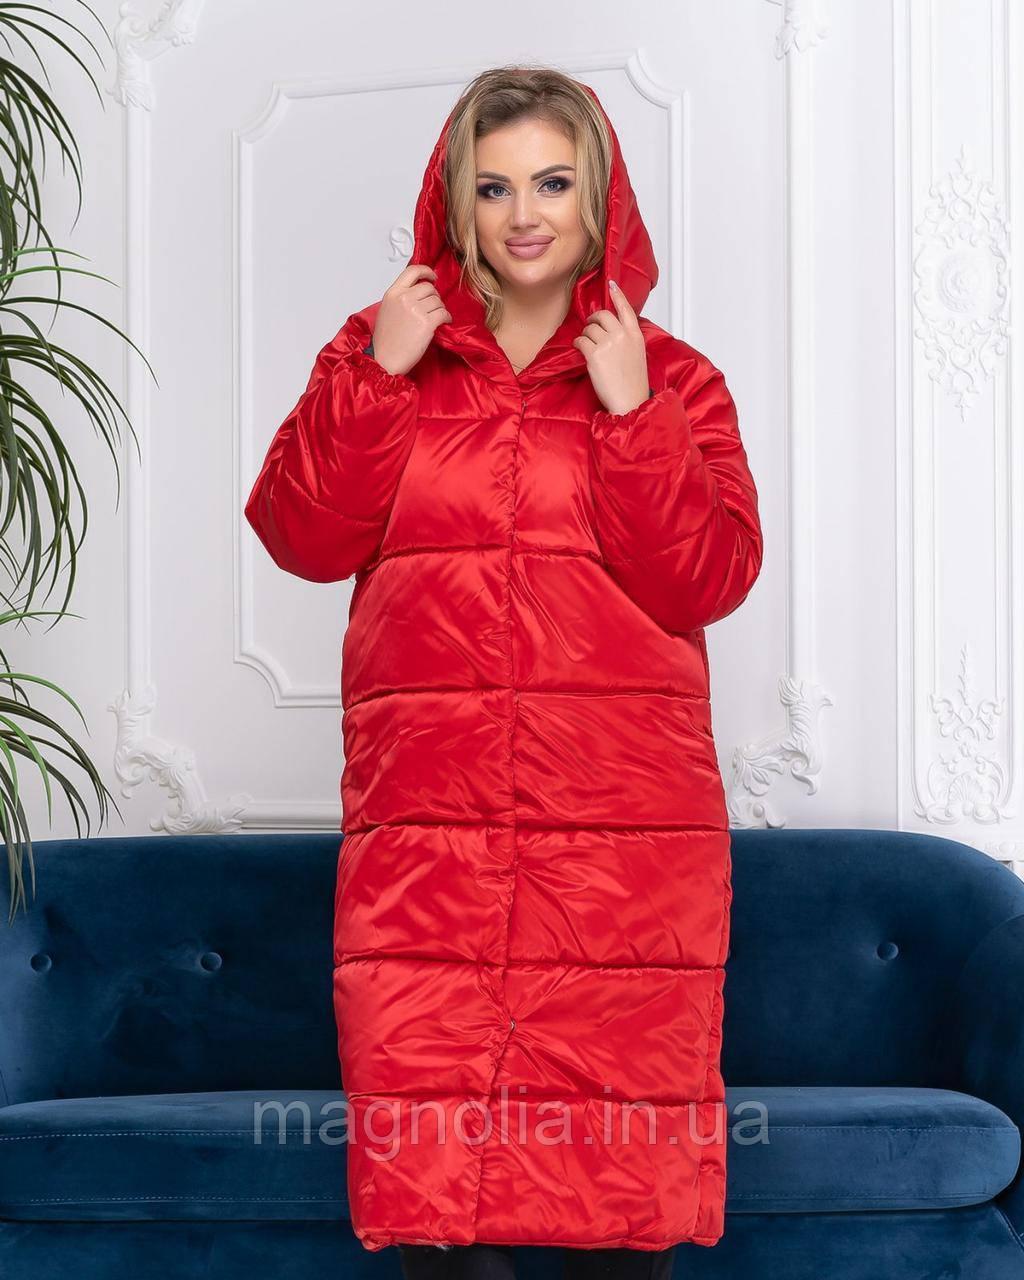 Зимняя теплая куртка с капюшоном курточка пальто пуховик плащевка силикон